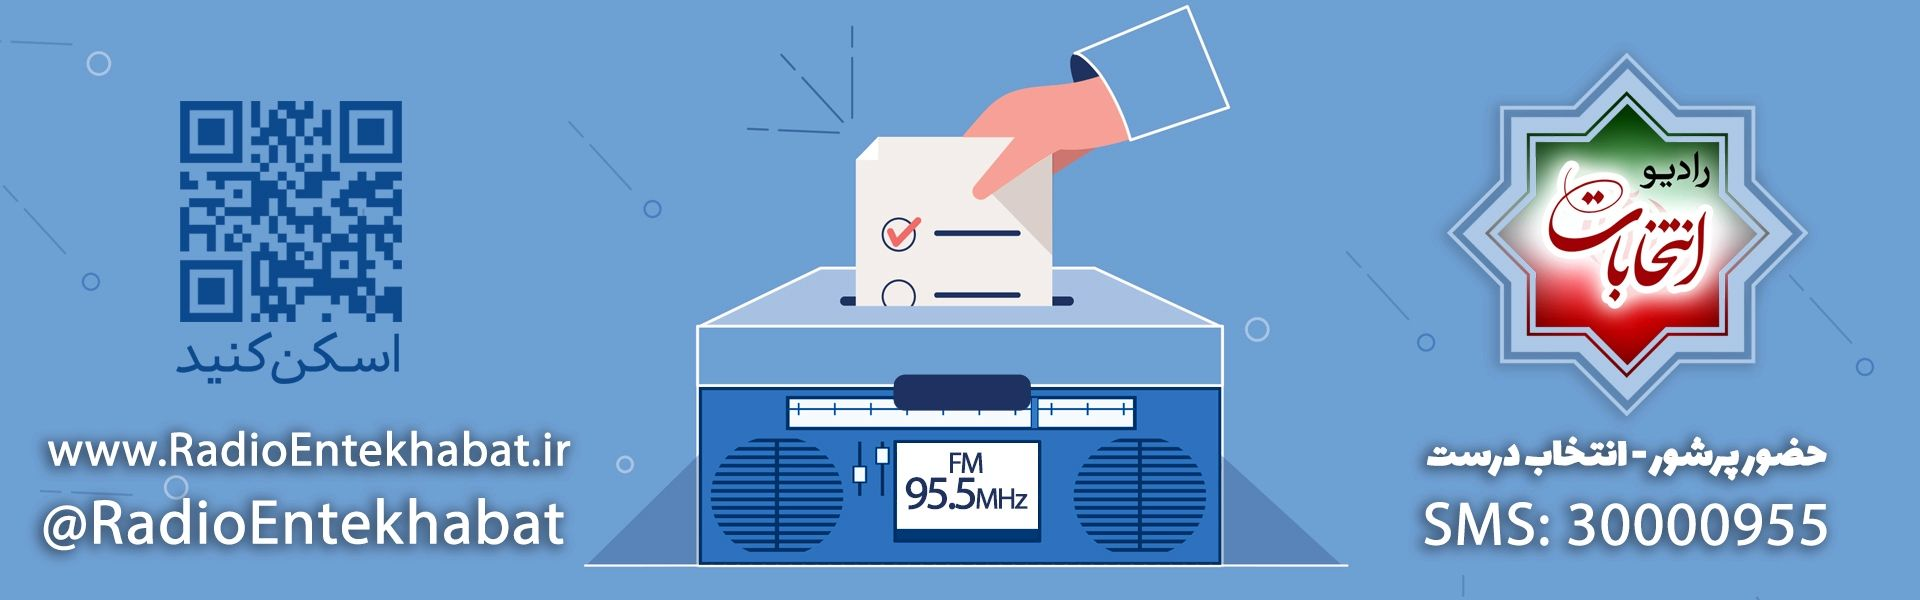 رادیو انتخابات